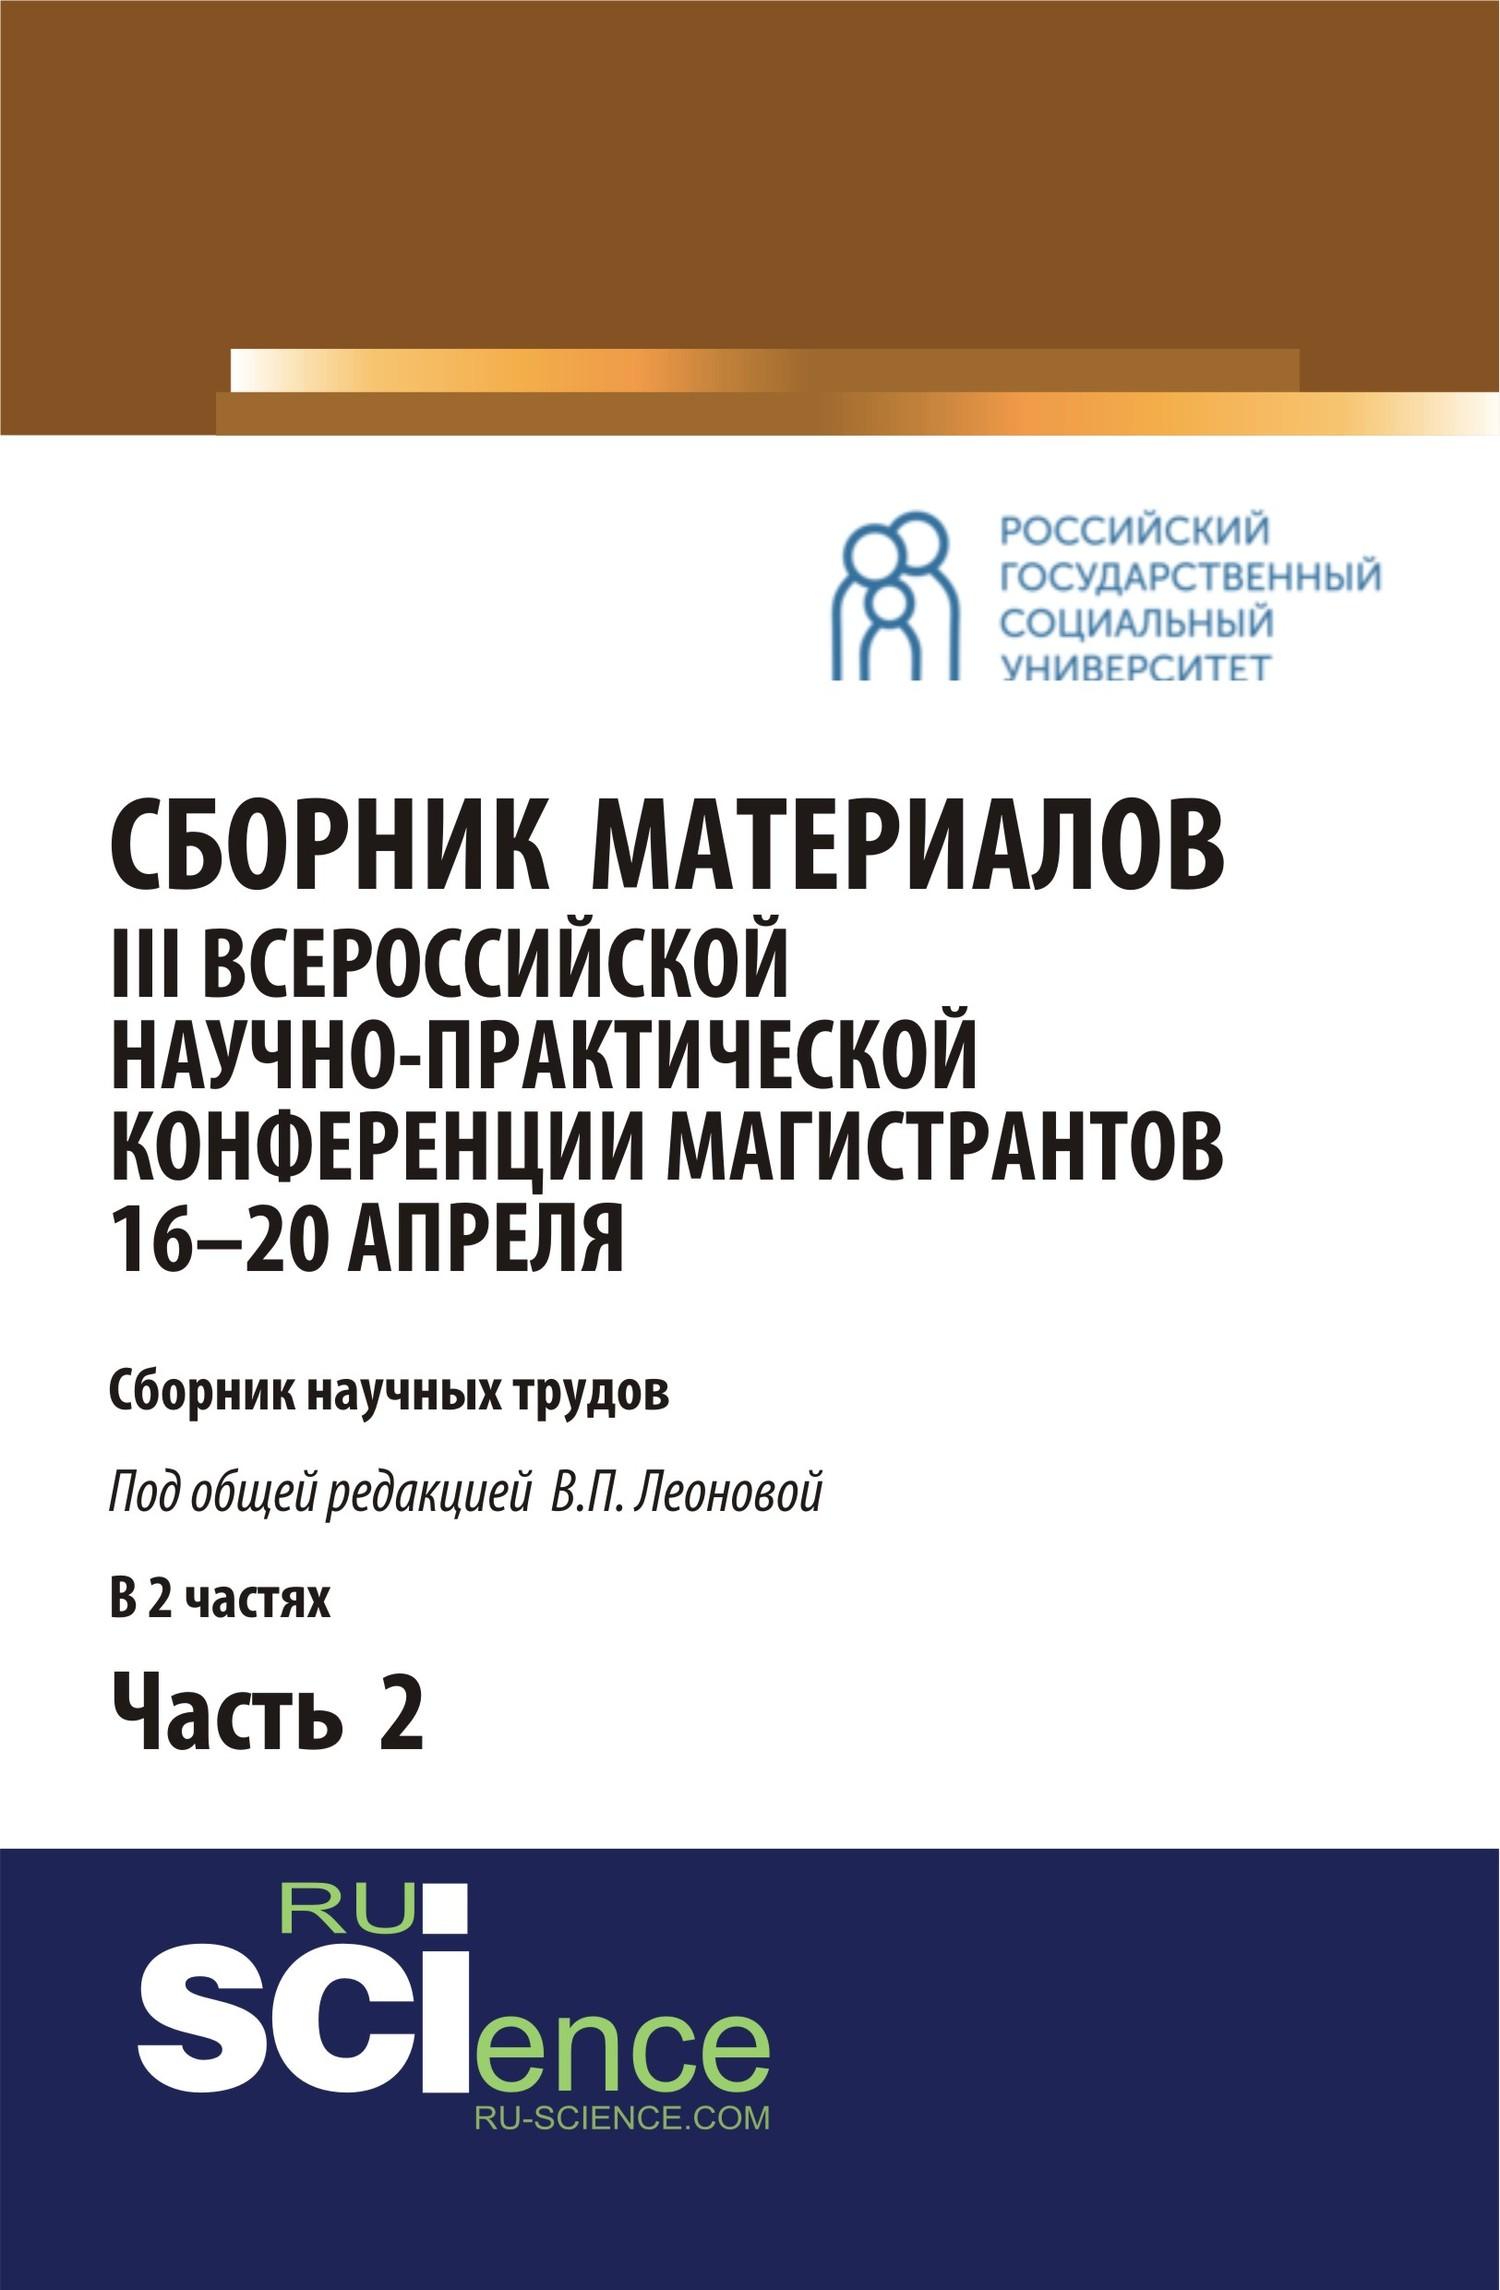 Сборник материалов III Всероссийской научно-практической конференции магистрантов 16–20 апреля. Часть 2